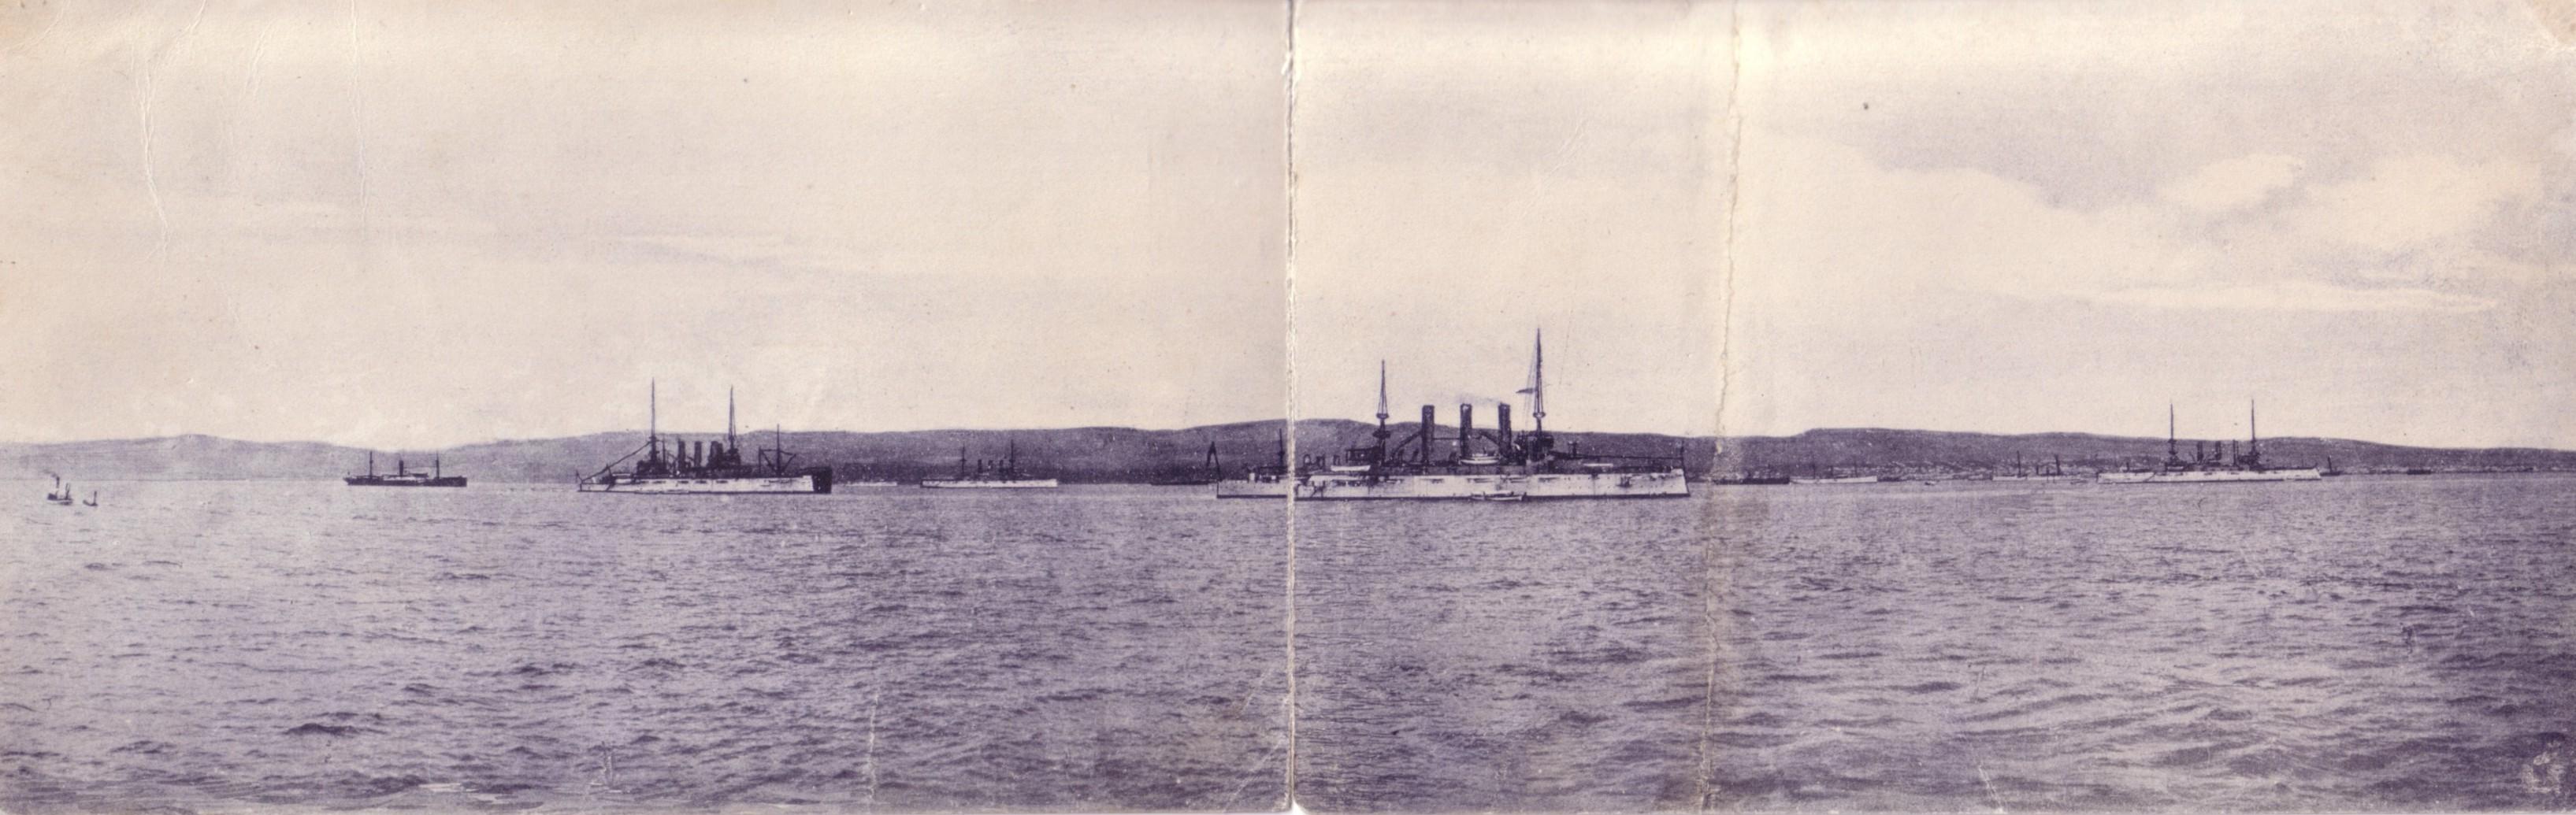 Ships_in_Harbor